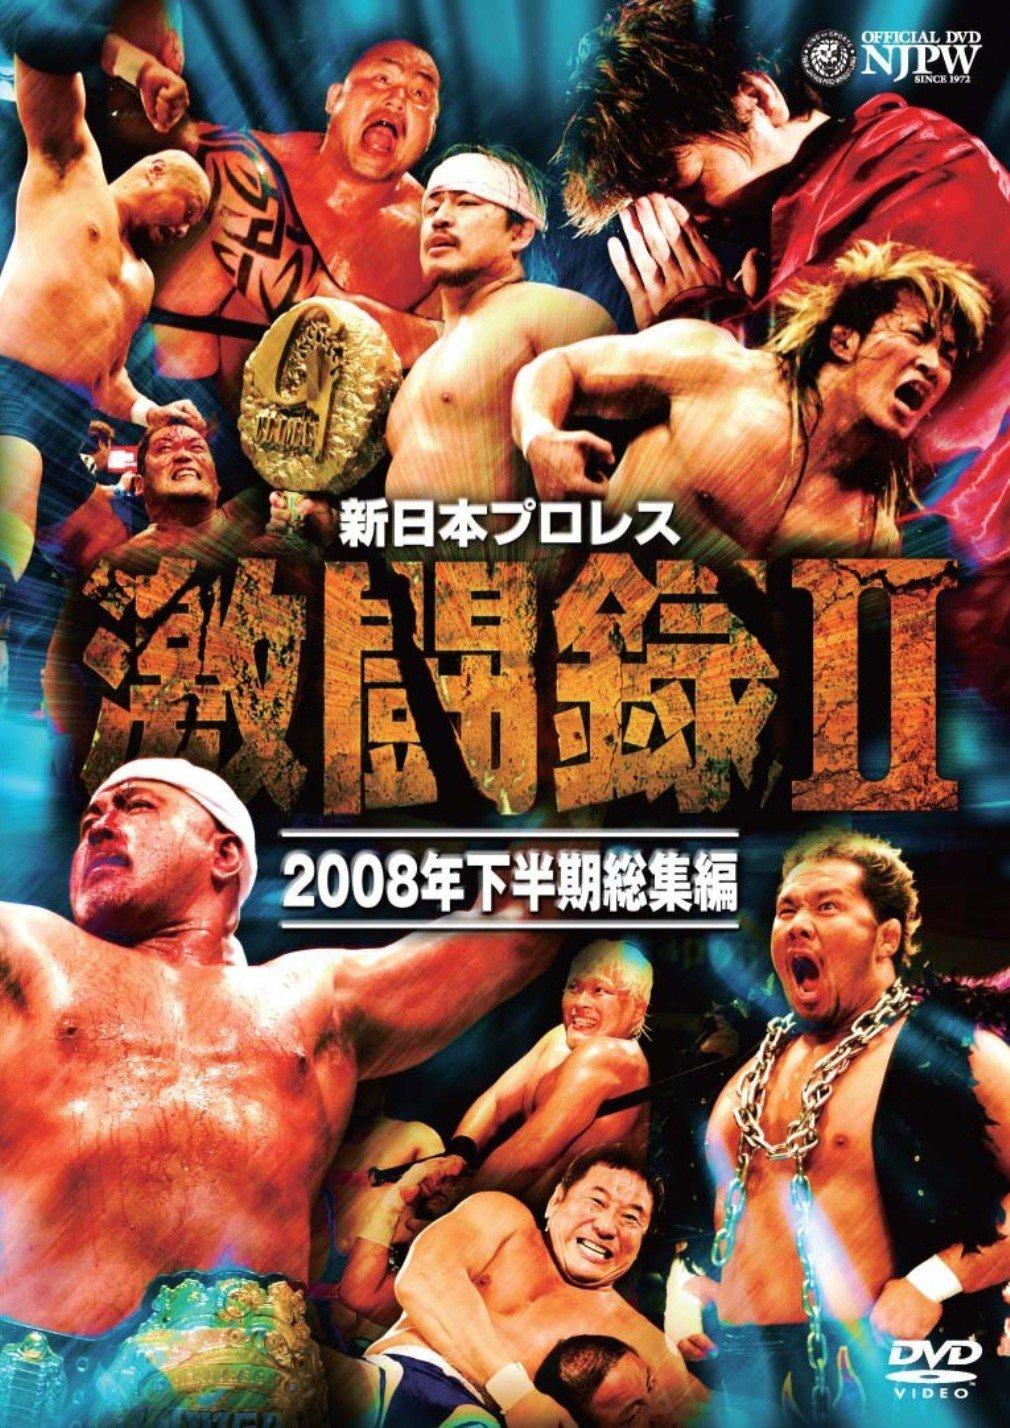 新日本プロレス 激闘録Ⅱ 2008年下半期総集編